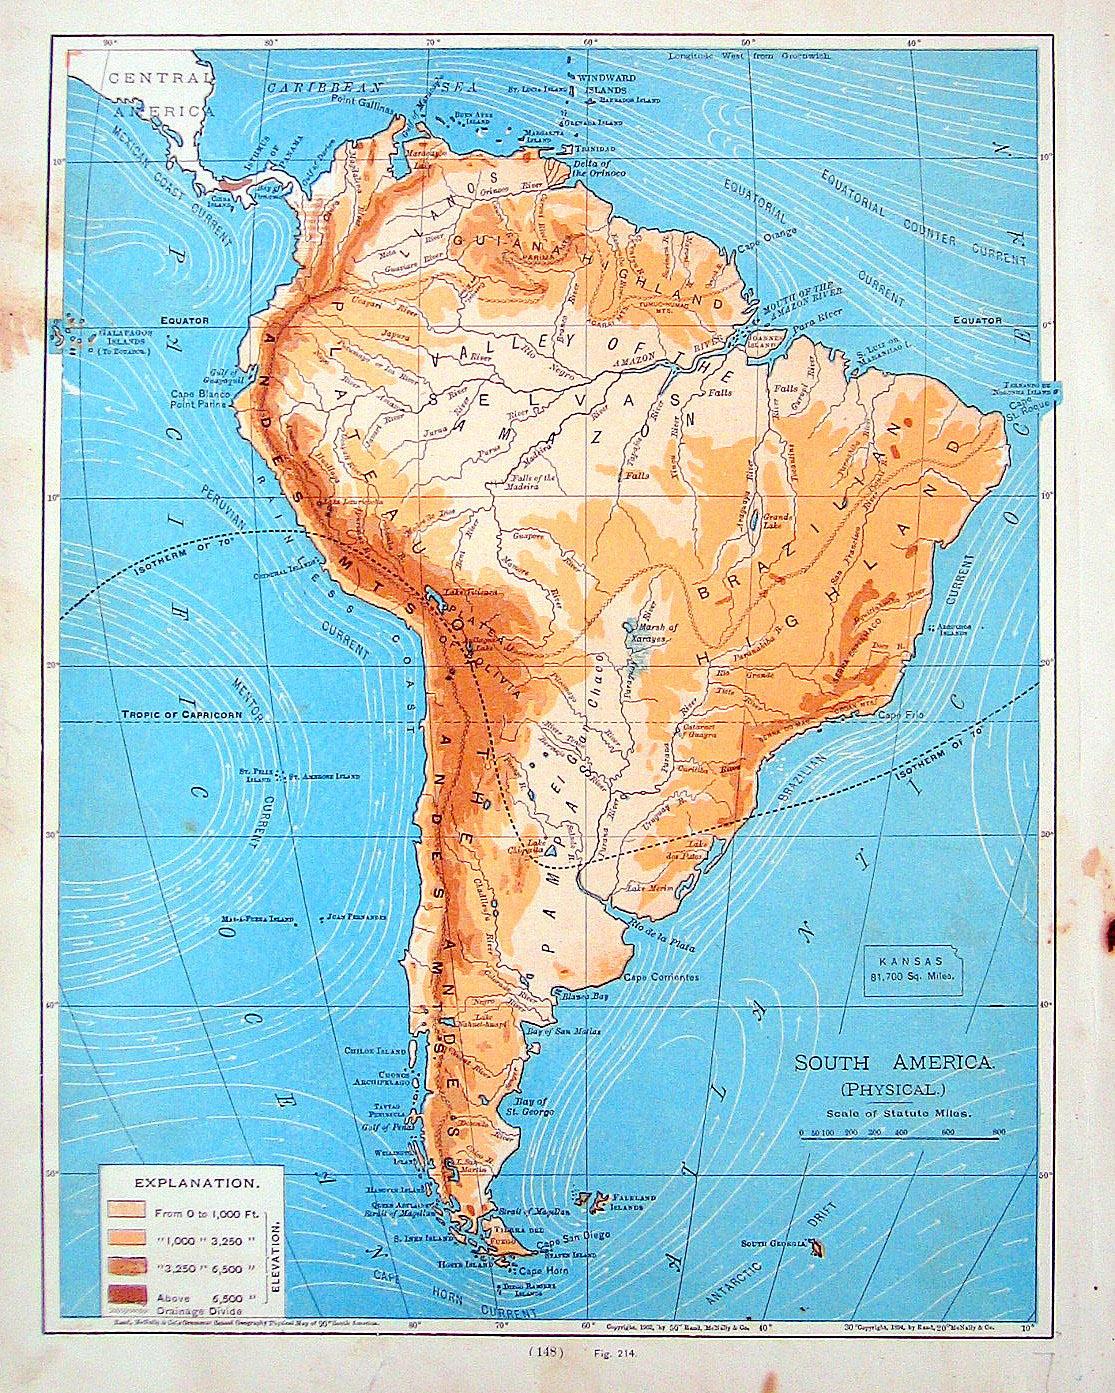 Mapa físico Sudamérica - Ríos, cordilleras, valles, costas de América del Sur